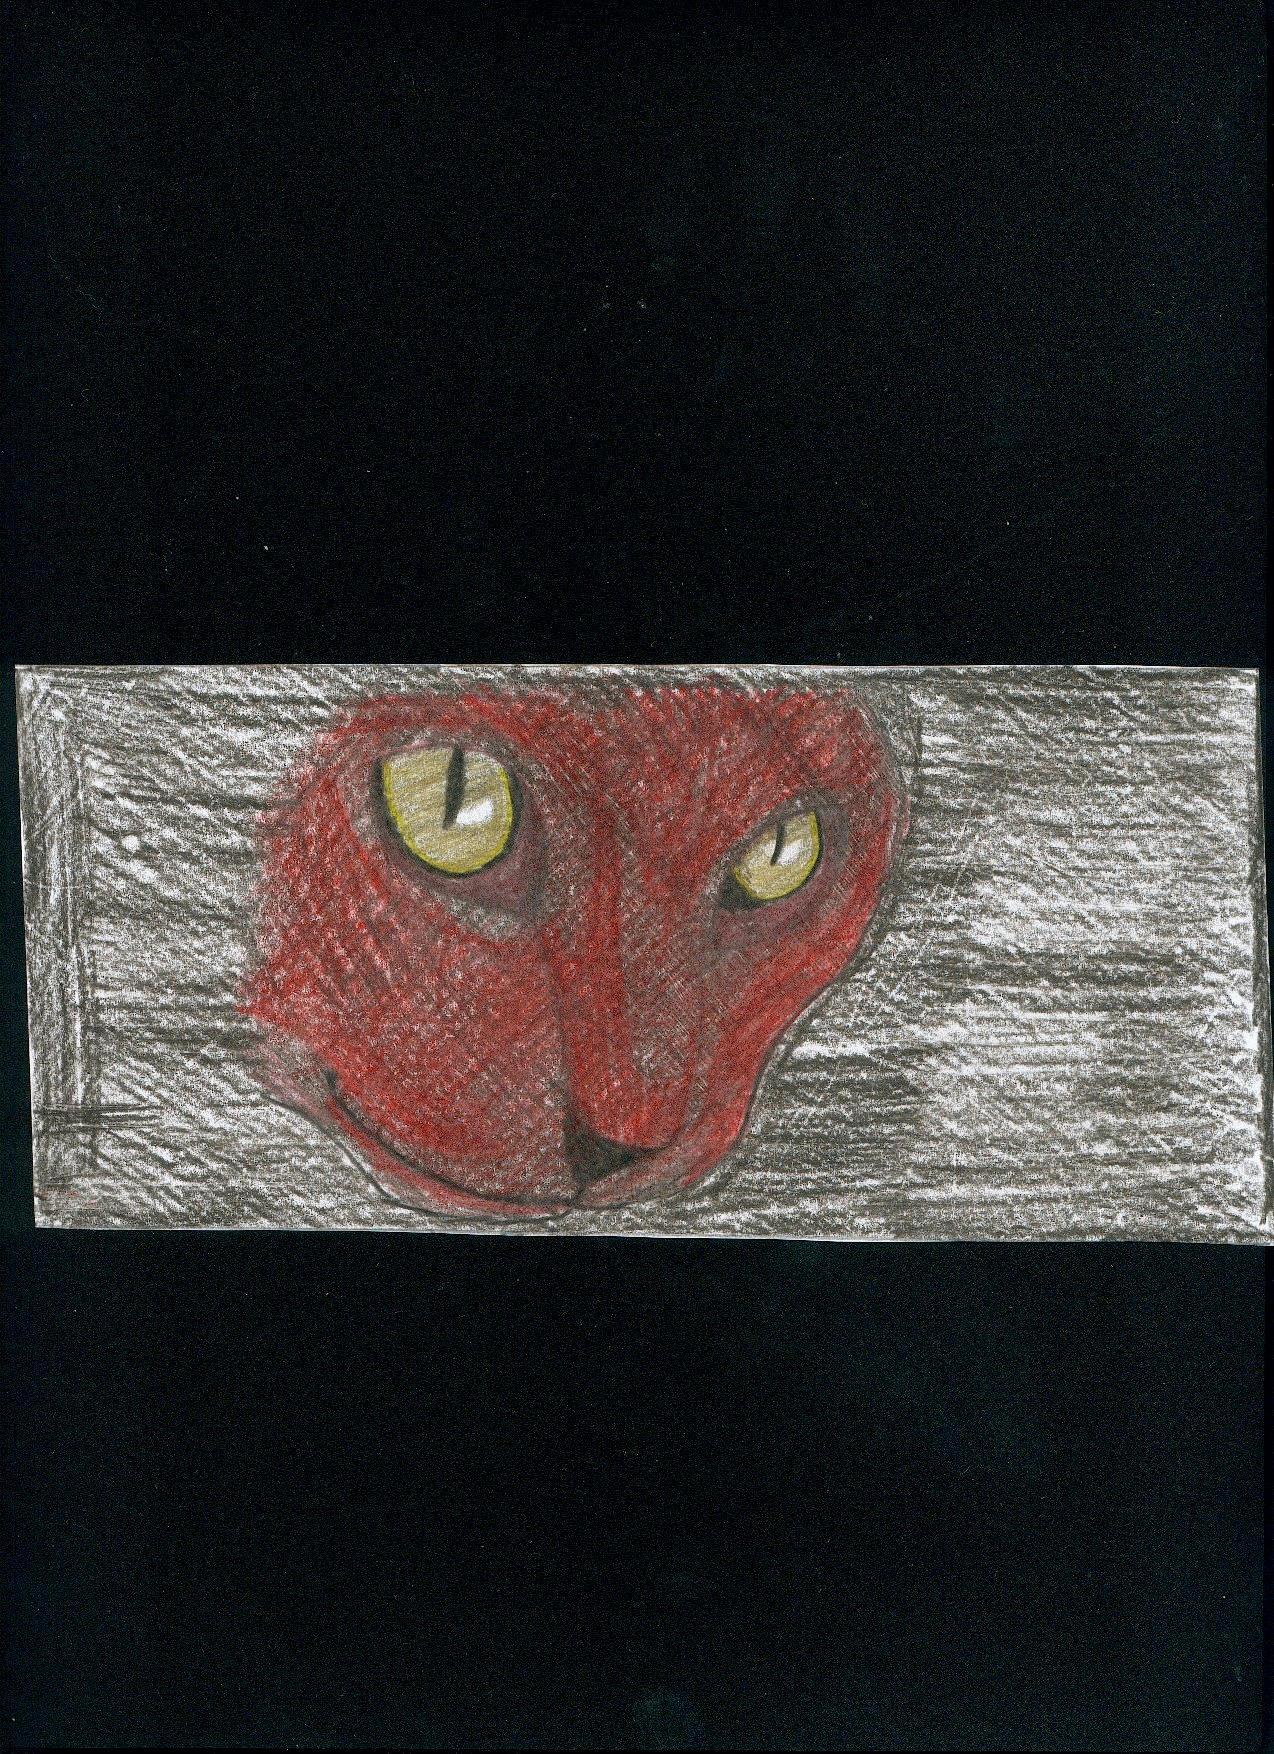 The Devils cat by xasylumx